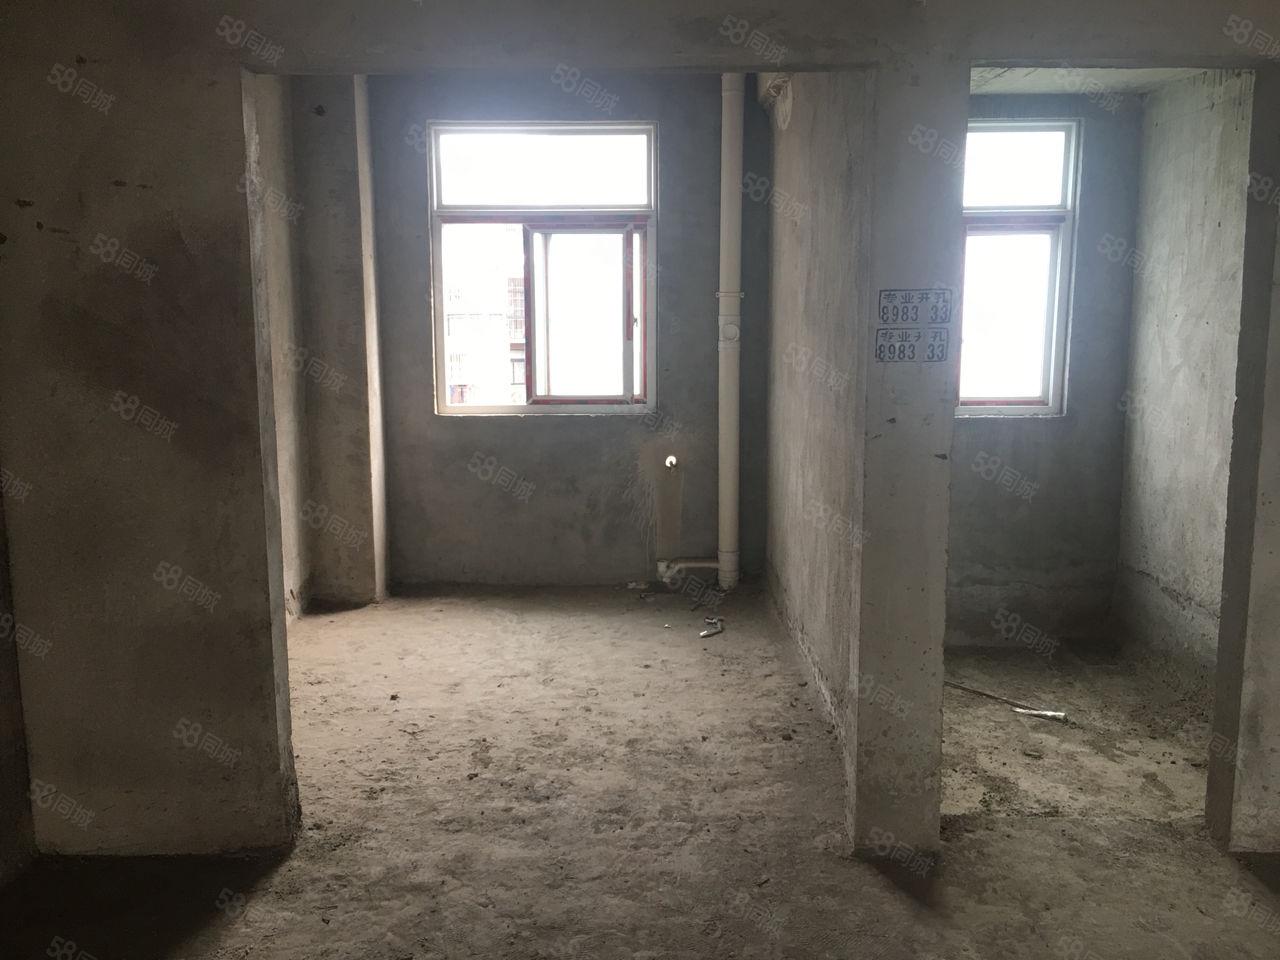 遺愛湖畔,電梯中層三室,南北通透,滿2過戶費低。房東降價5萬